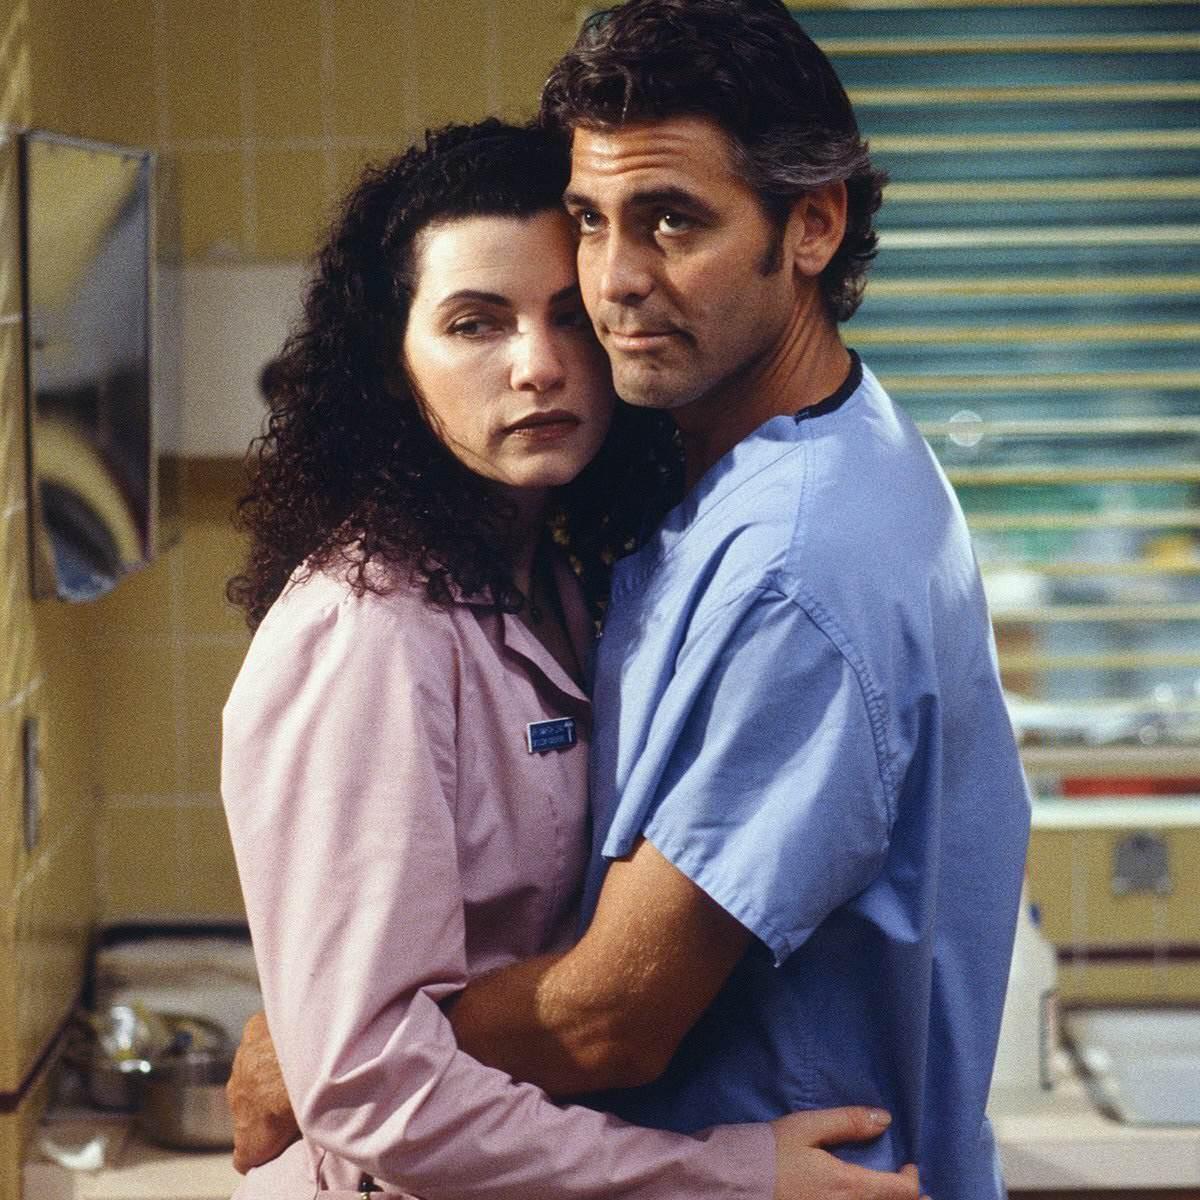 Cuándo terapia de pareja y cuándo terapia individual según los psicólogos de Atalanta